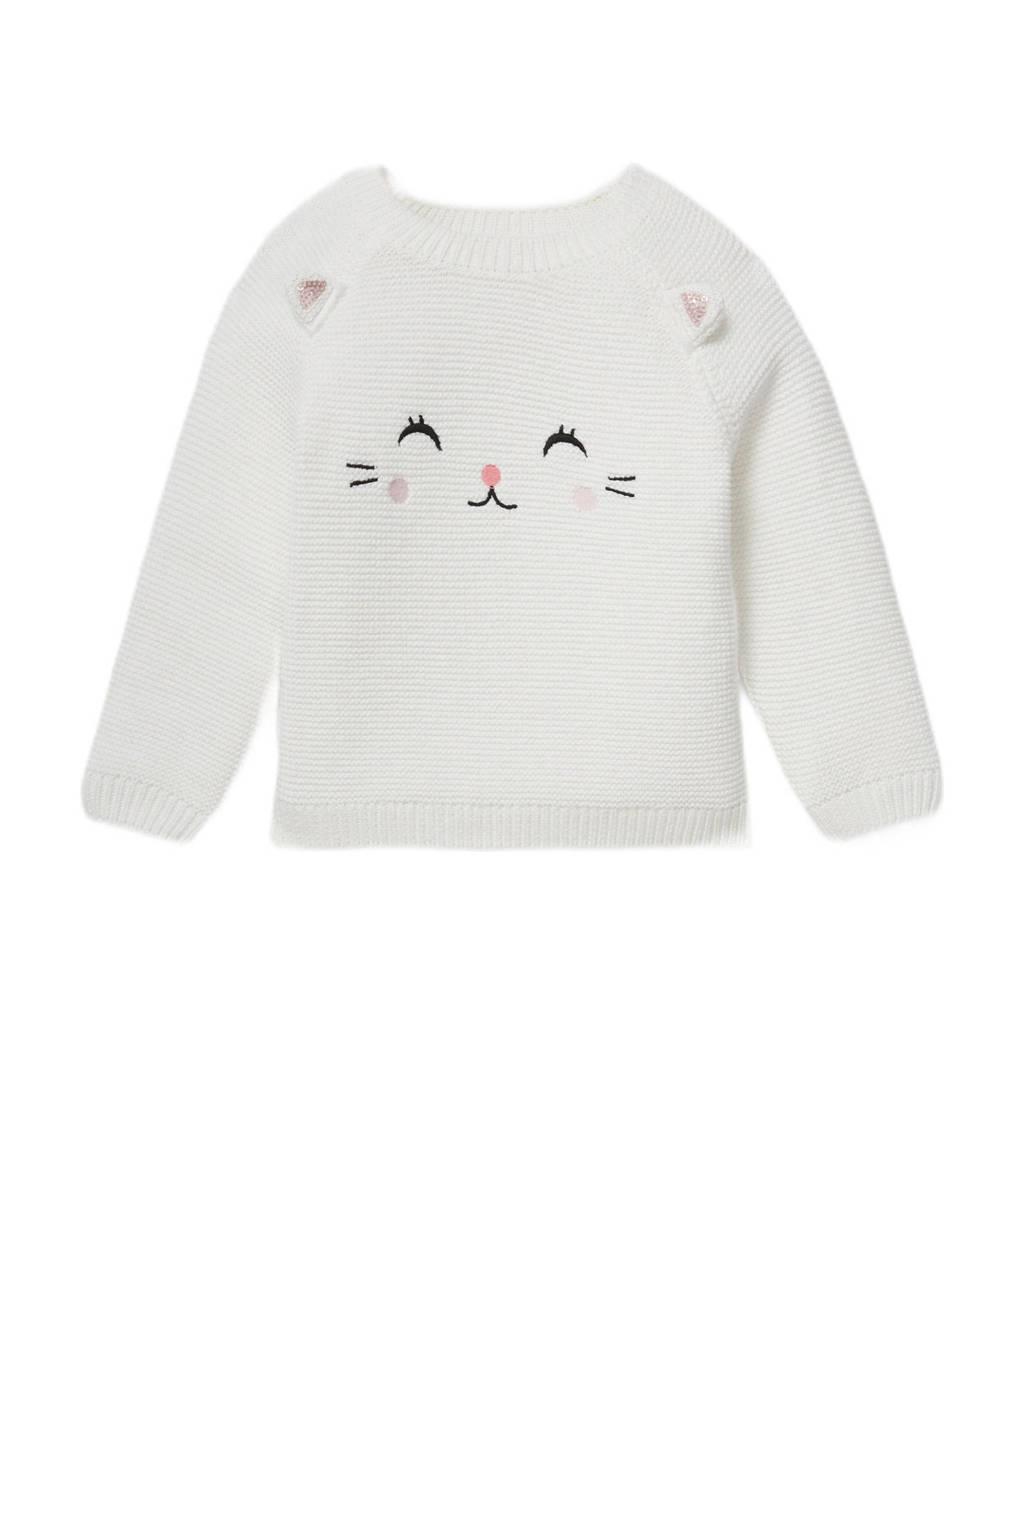 C&A Baby Club baby trui van biologisch katoen wit, Wit